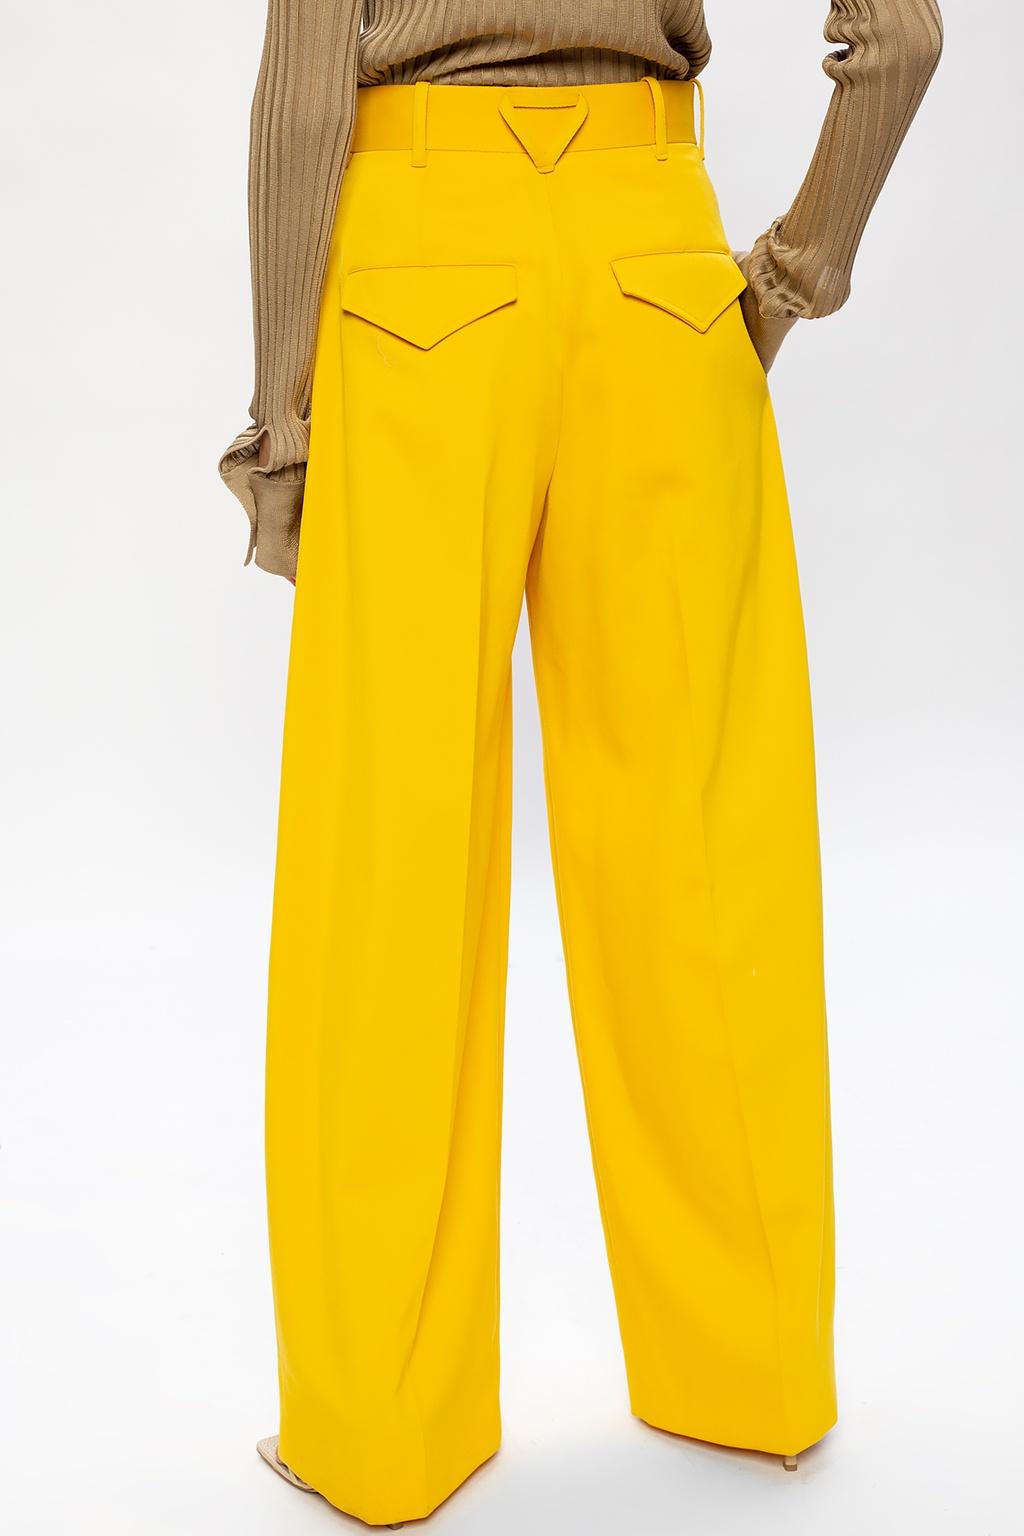 Bottega Veneta Pleat-front trousers